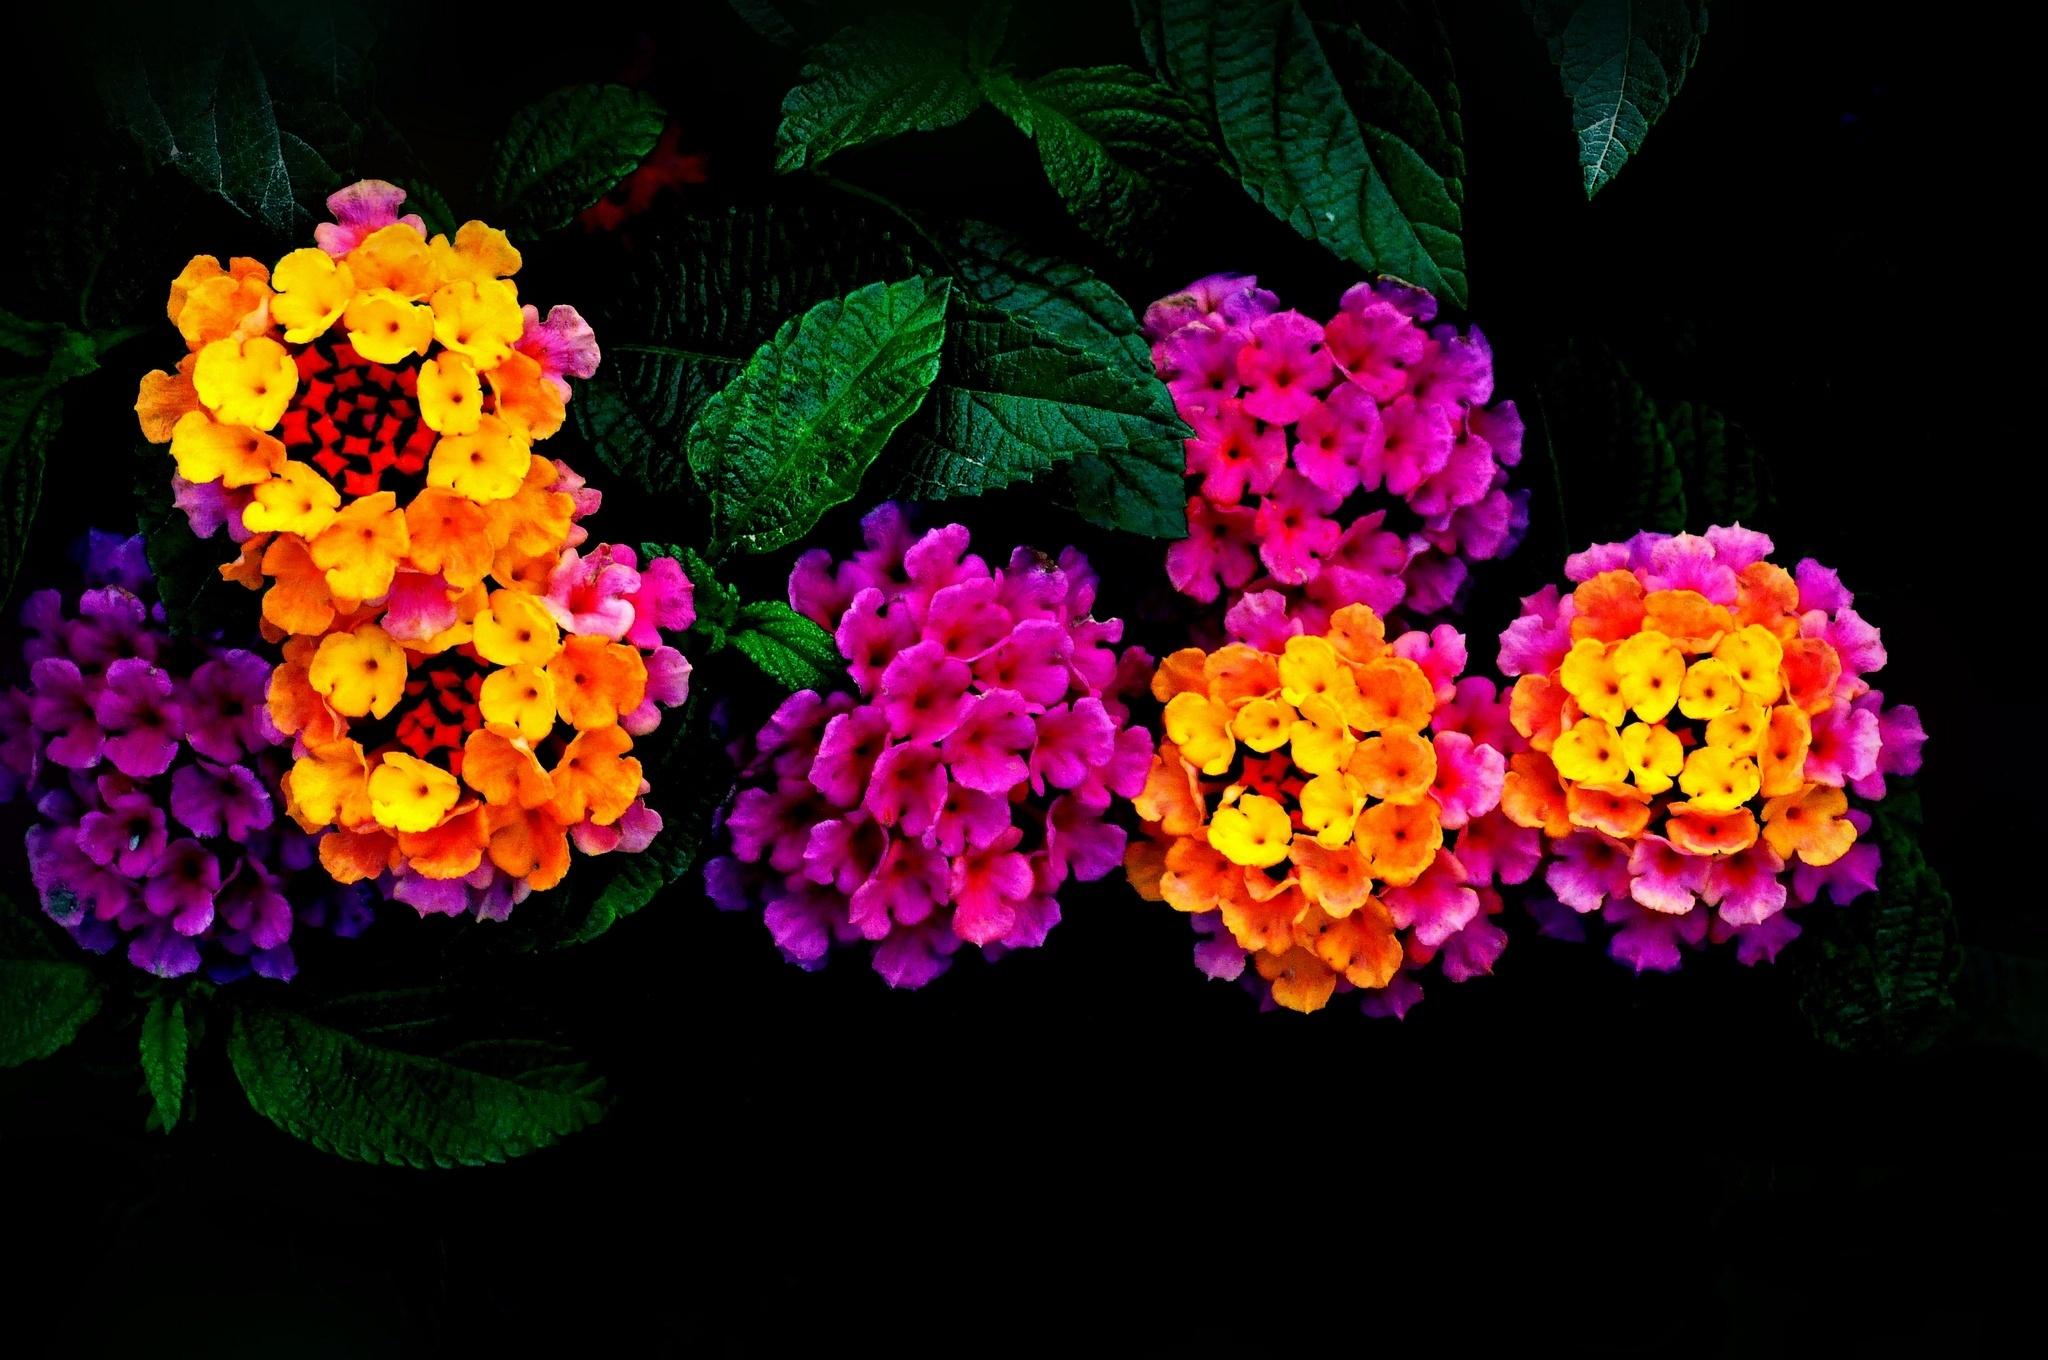 19895 скачать обои Растения, Цветы - заставки и картинки бесплатно